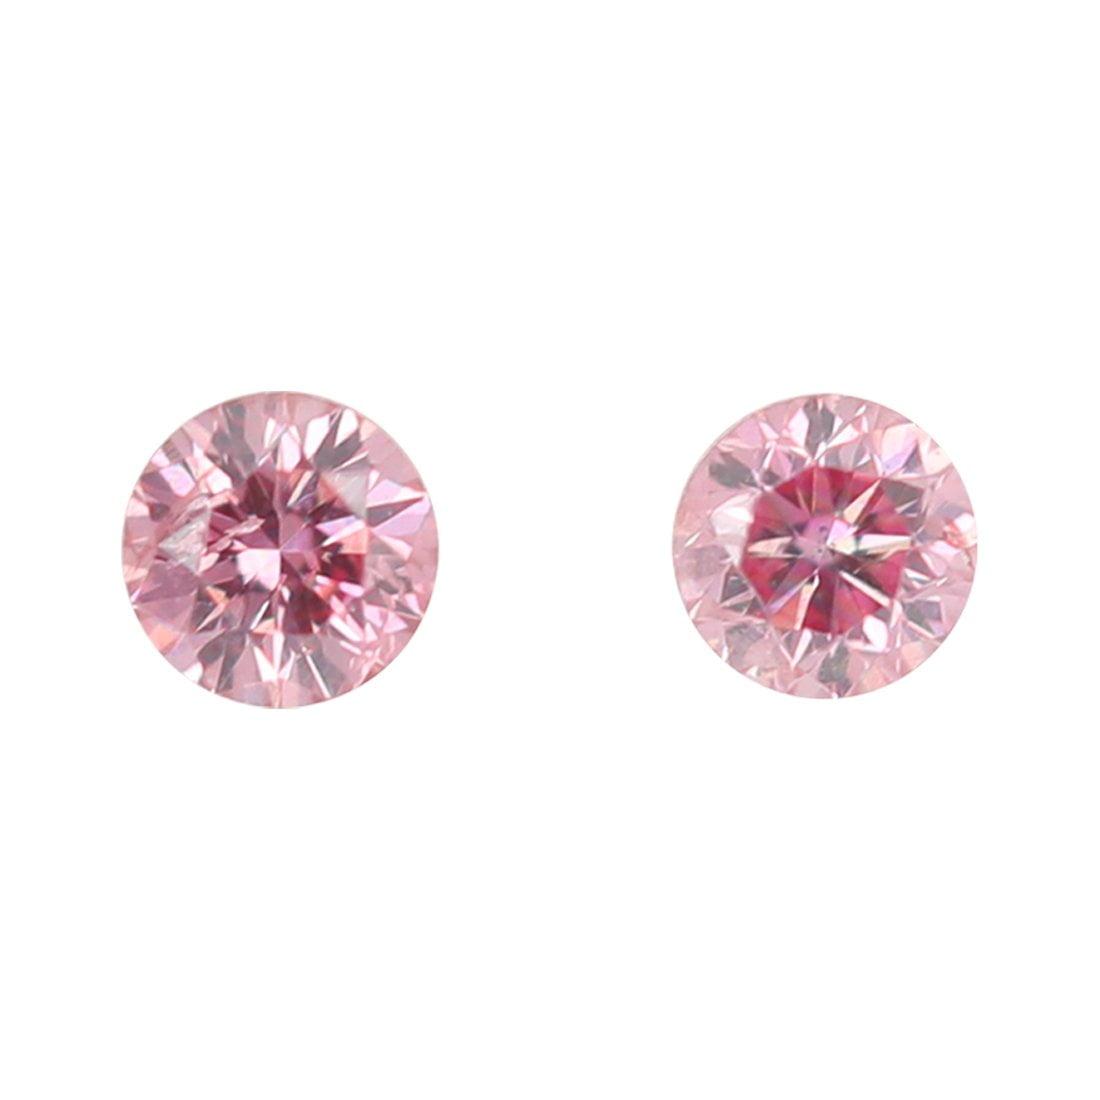 2 = 0.11ct Natural Fancy Purplish Pink, 4PP Argyle Diamond